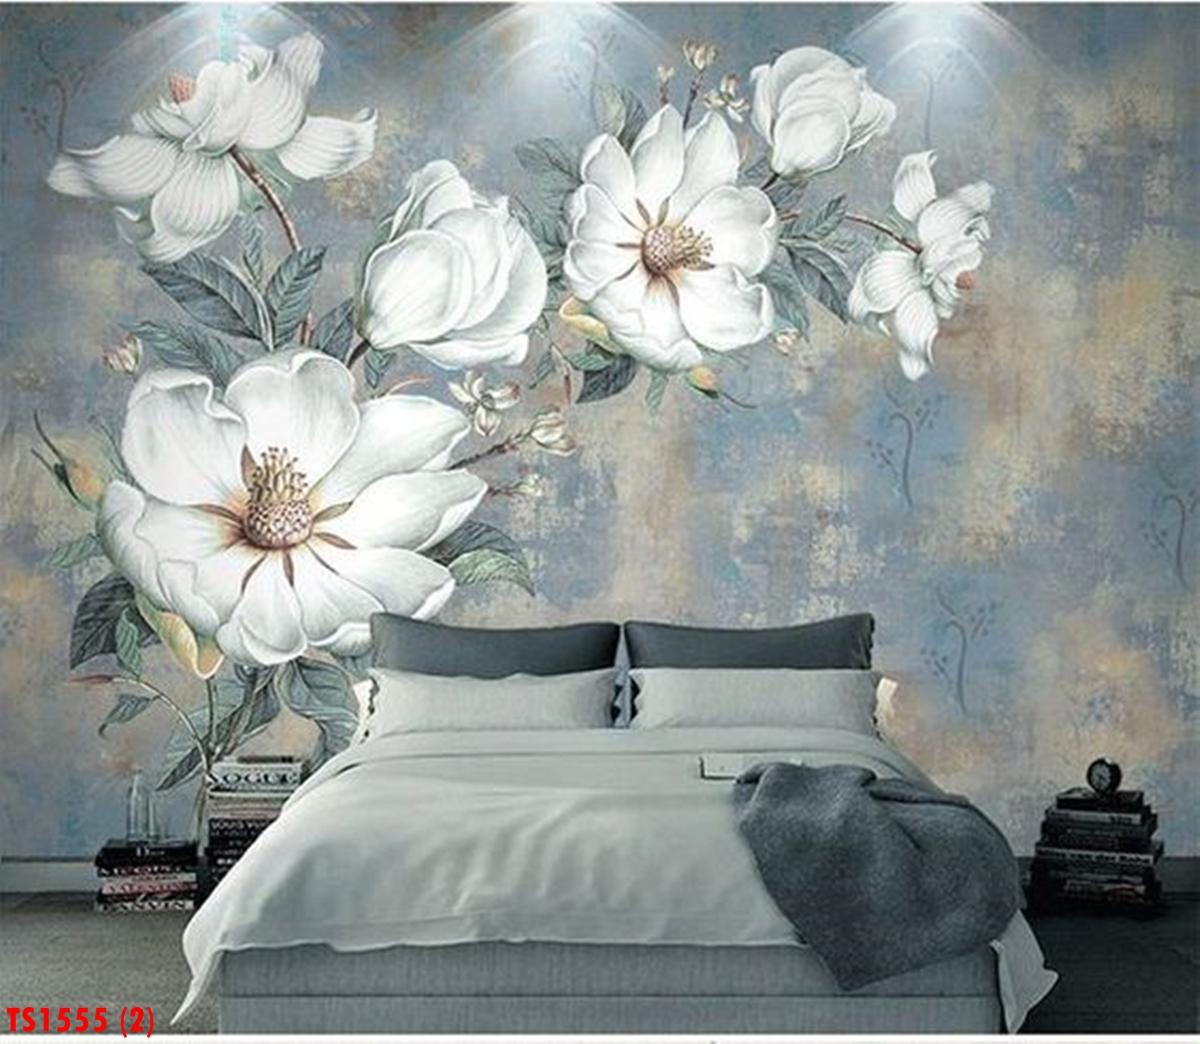 Tranh Dán Tường 3D Phòng Ngủ TS1555